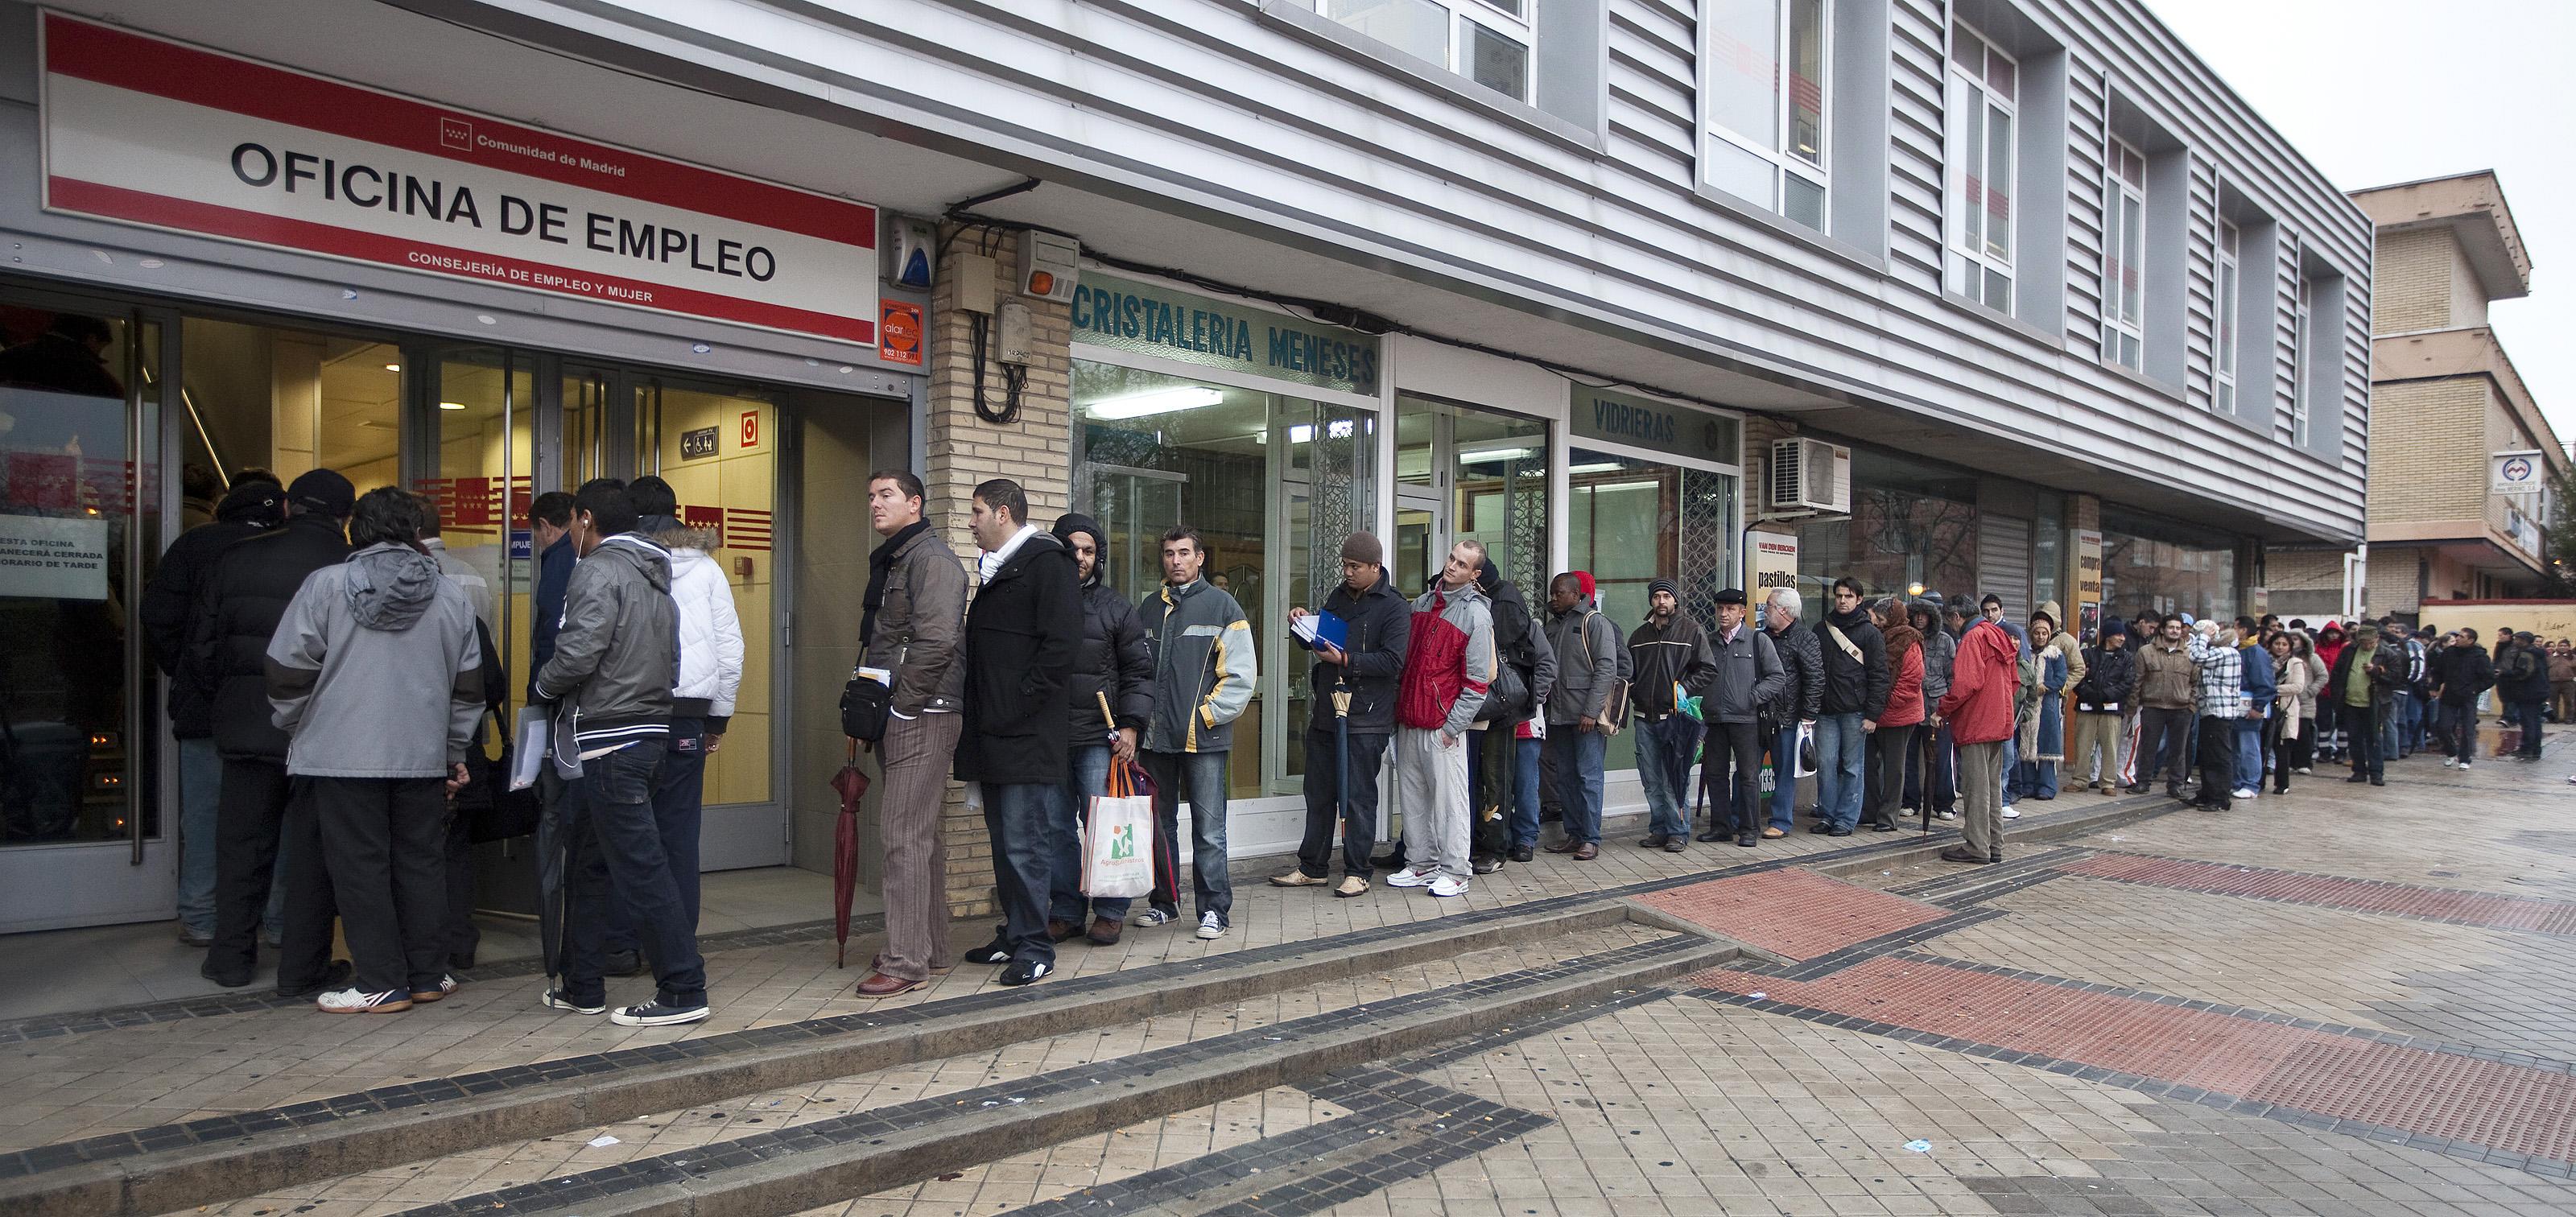 espa a vuelve a liderar el desempleo en la uni n europea